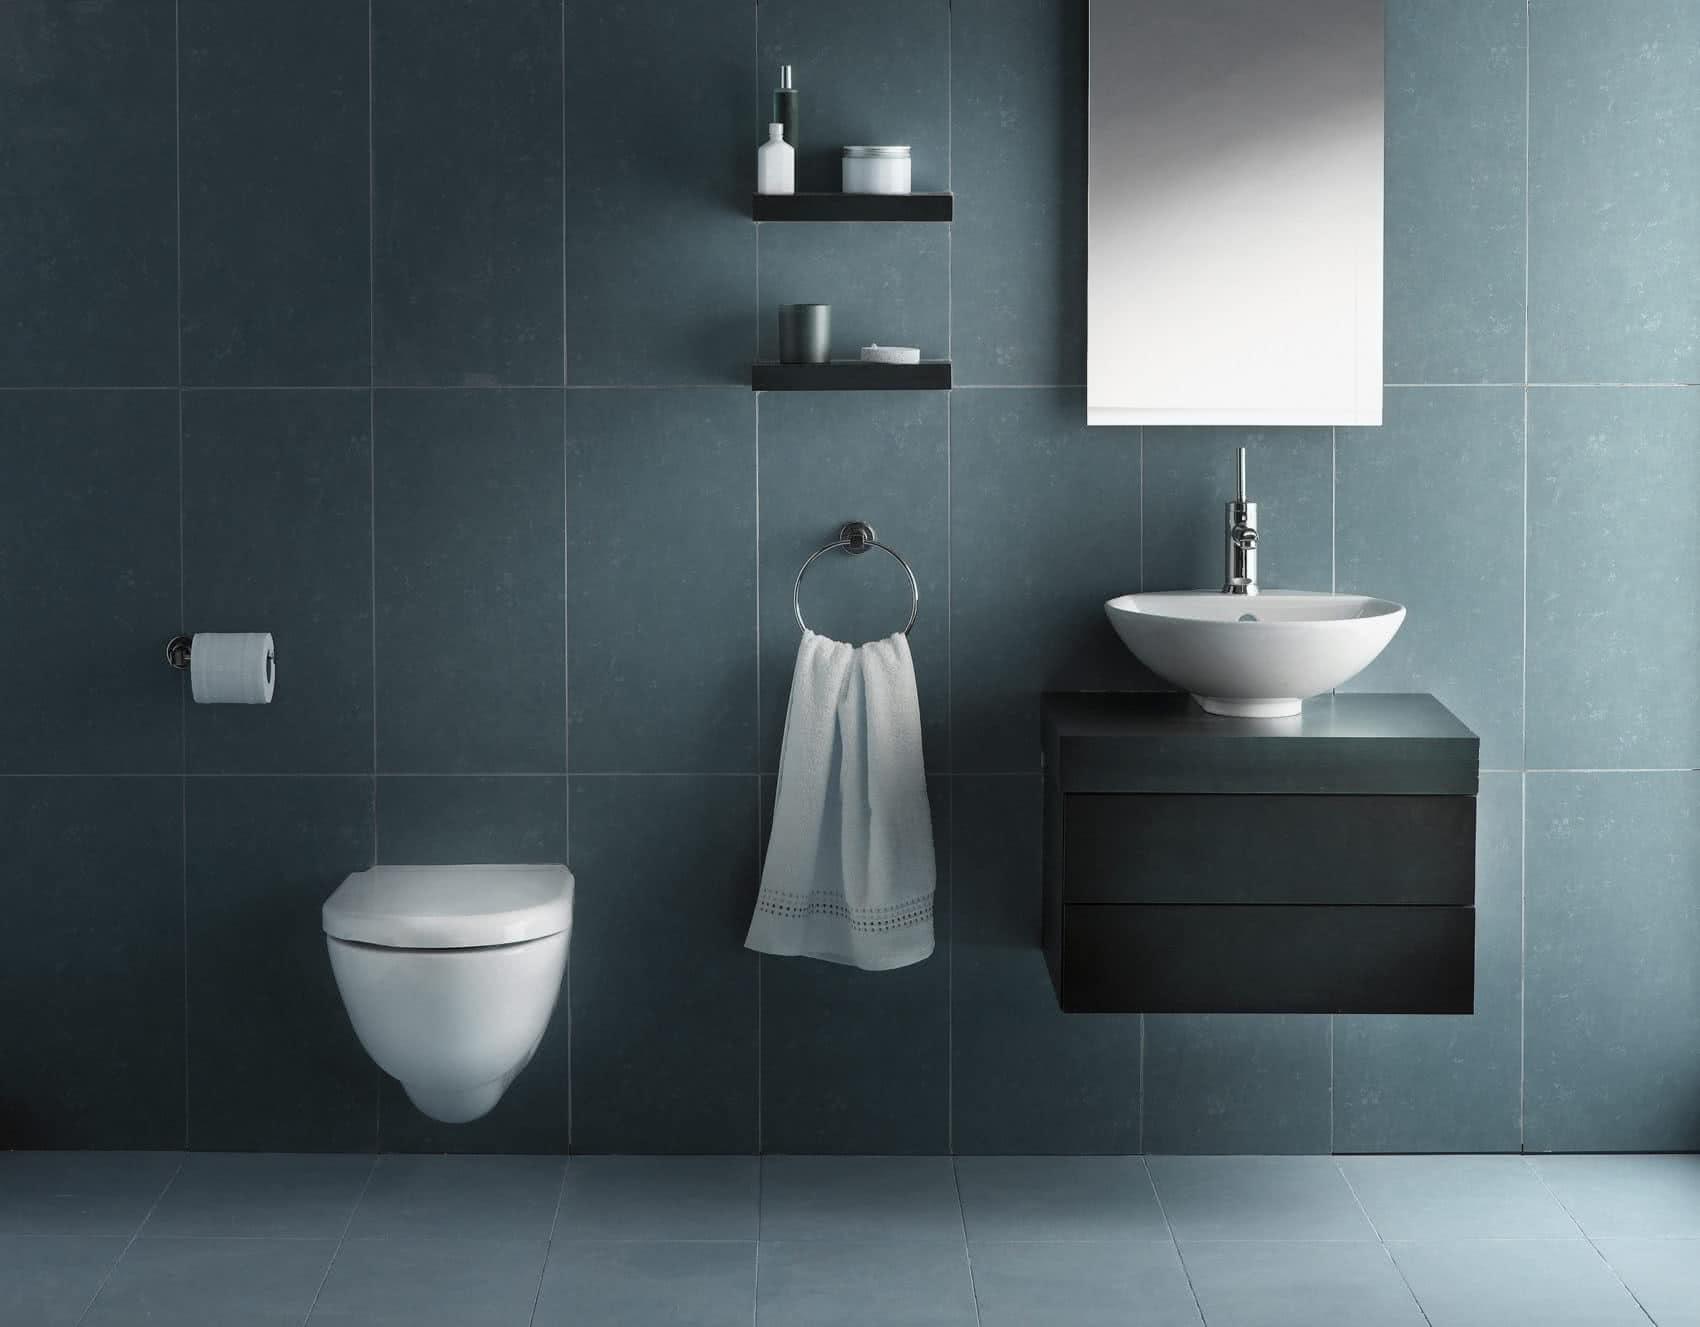 Conseils sur l'entretien des installations sanitaires